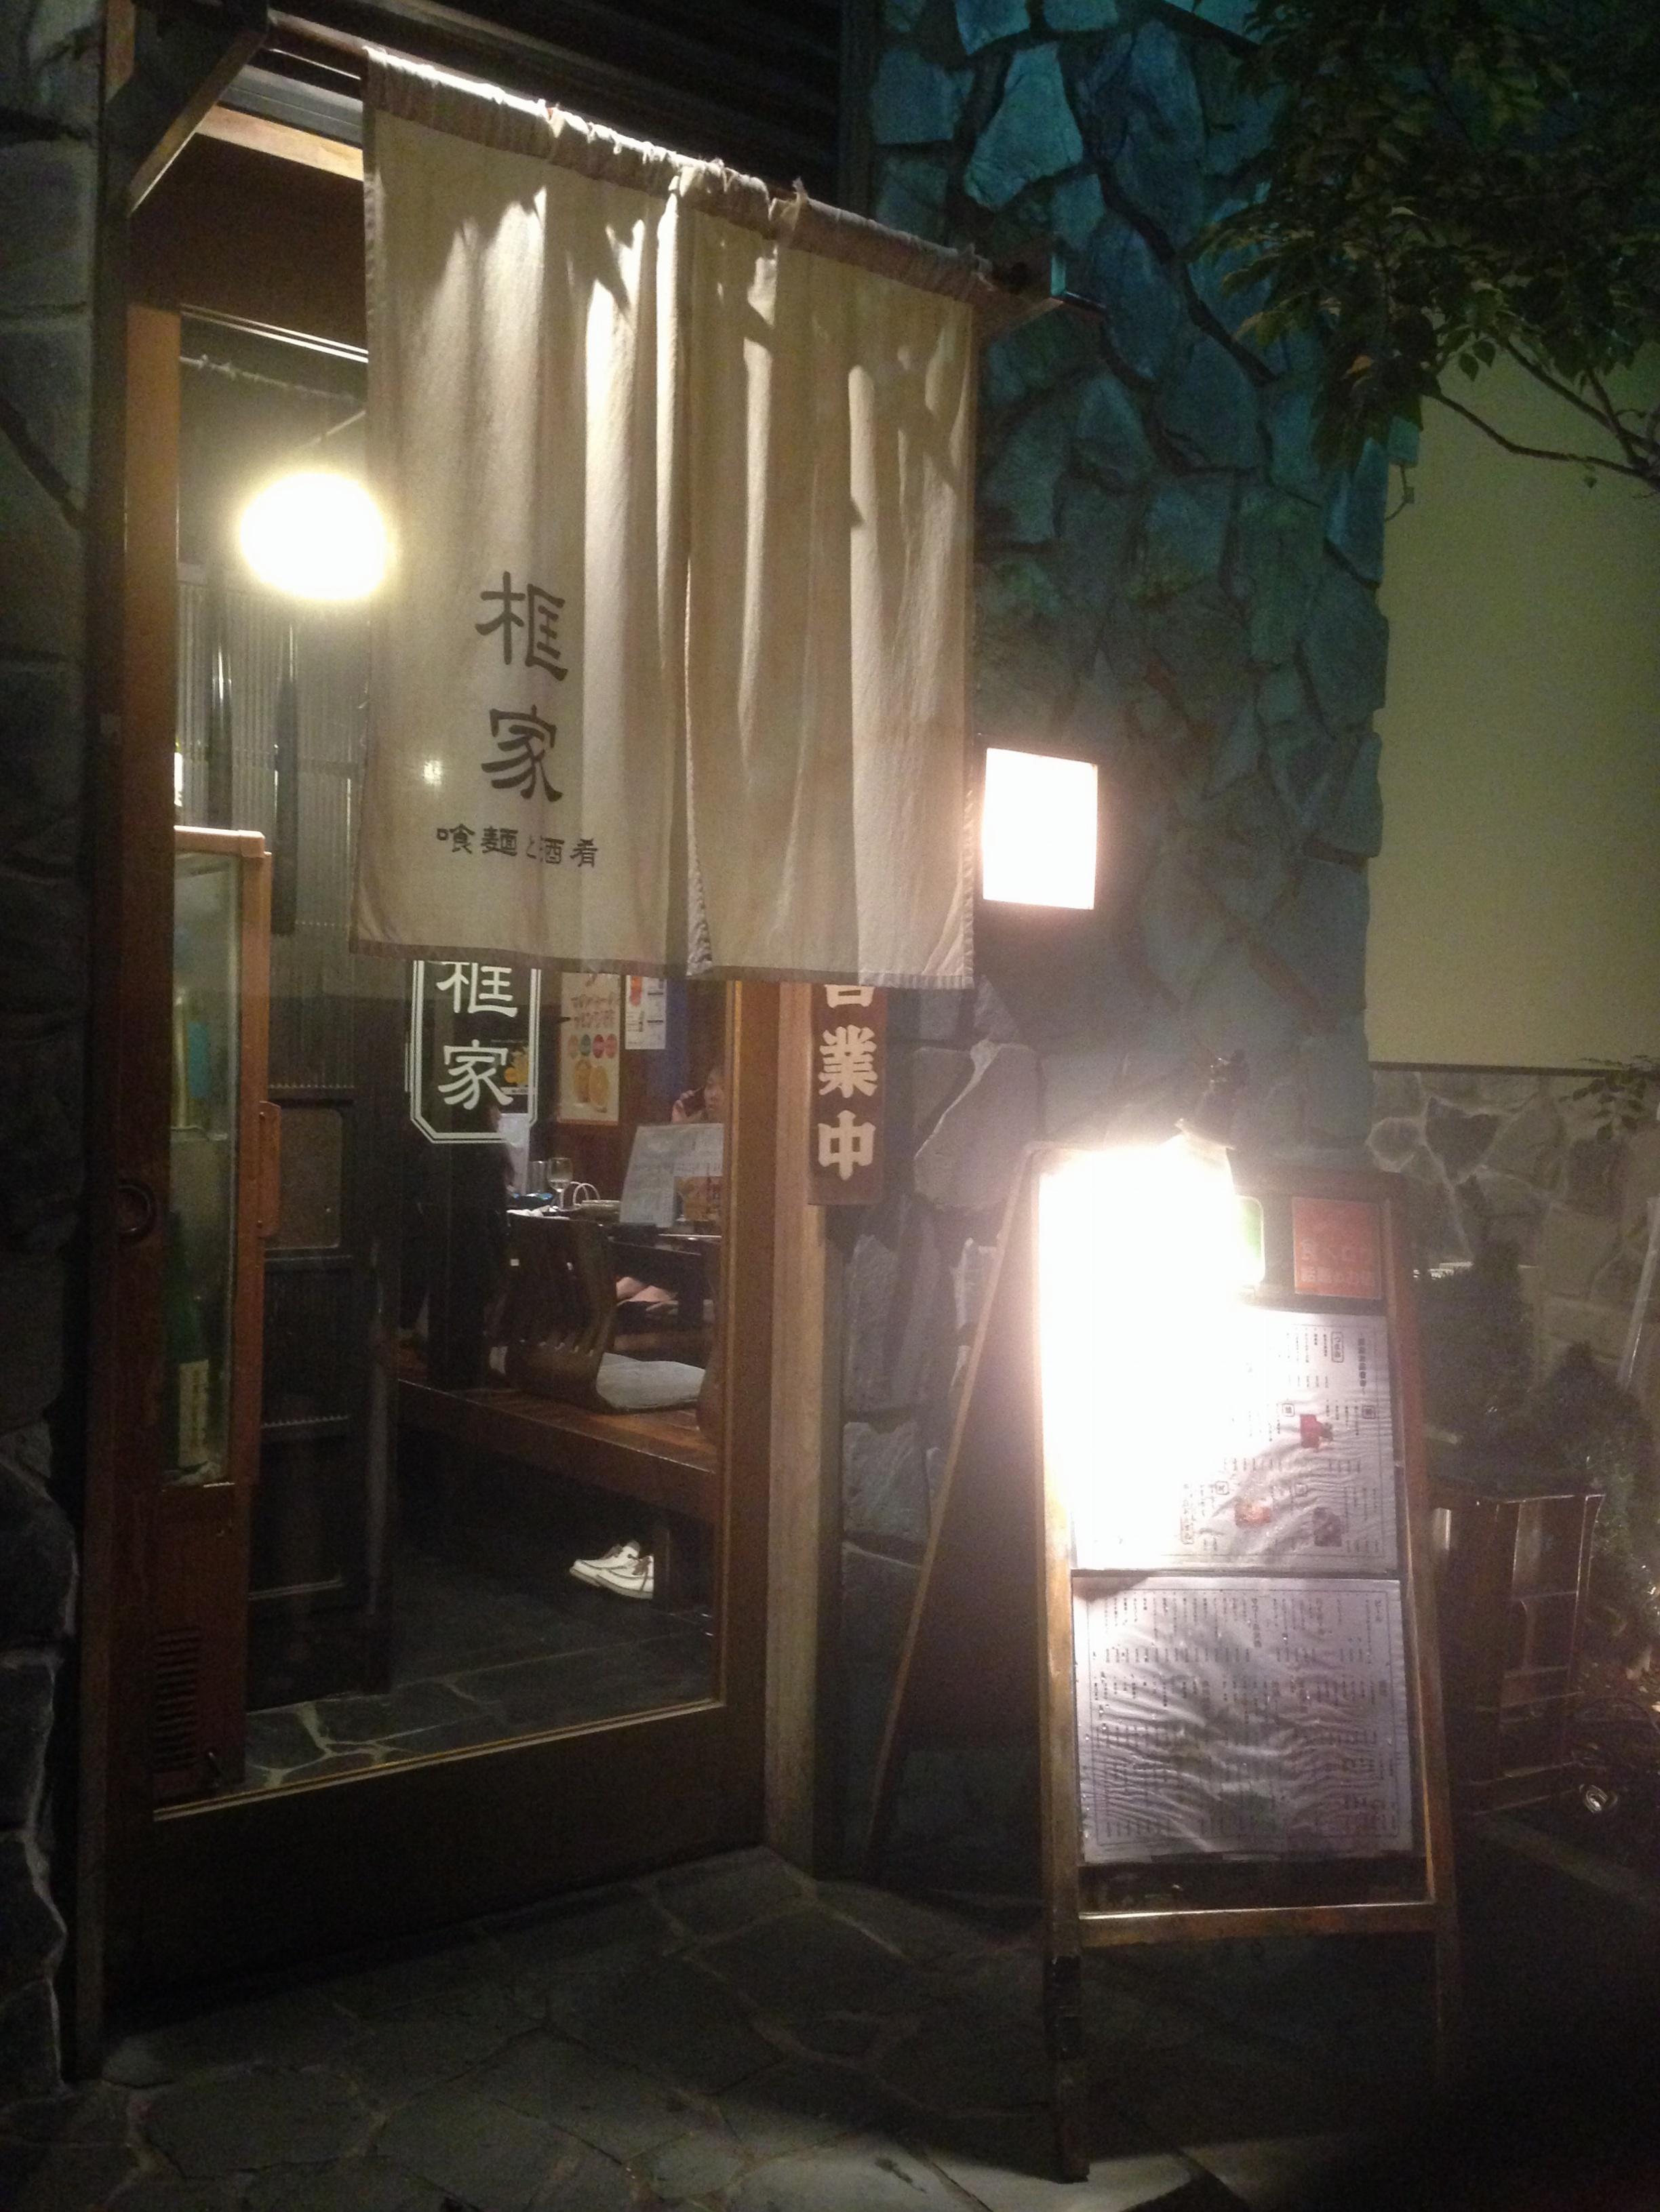 恵比寿の裏路地の隠れ家《框家》魅力的な肴で美味しいお酒を堪能( ´ ▽ ` )ノ_1